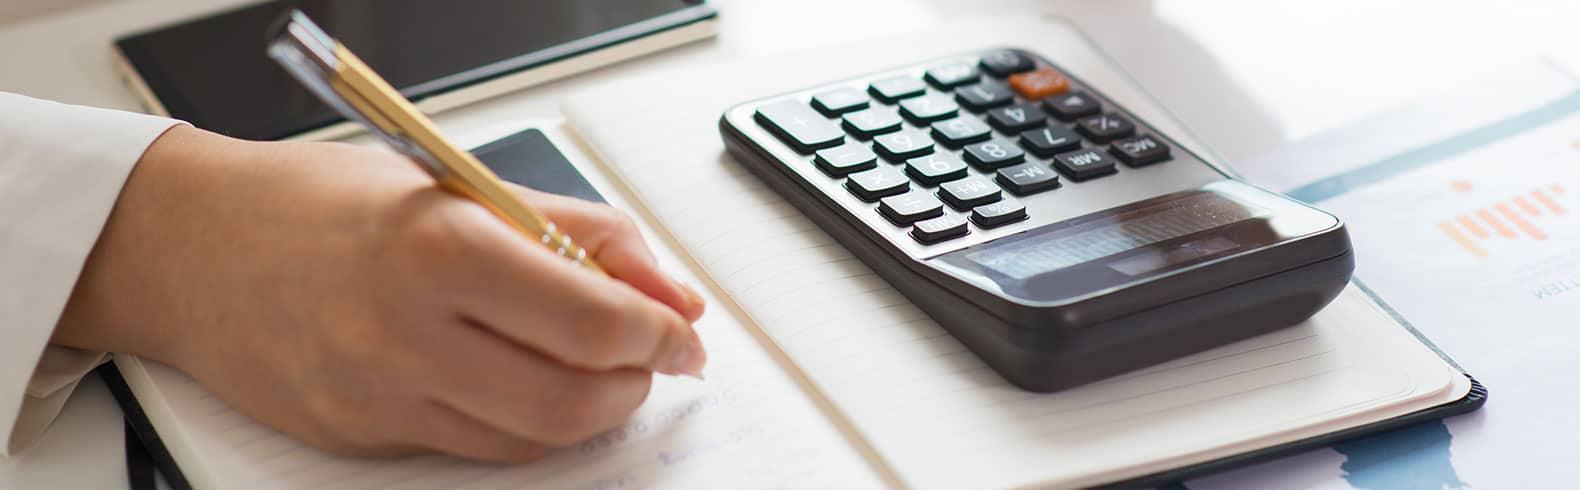 Inilah 3 Tools dan Cara Membuat Invoice